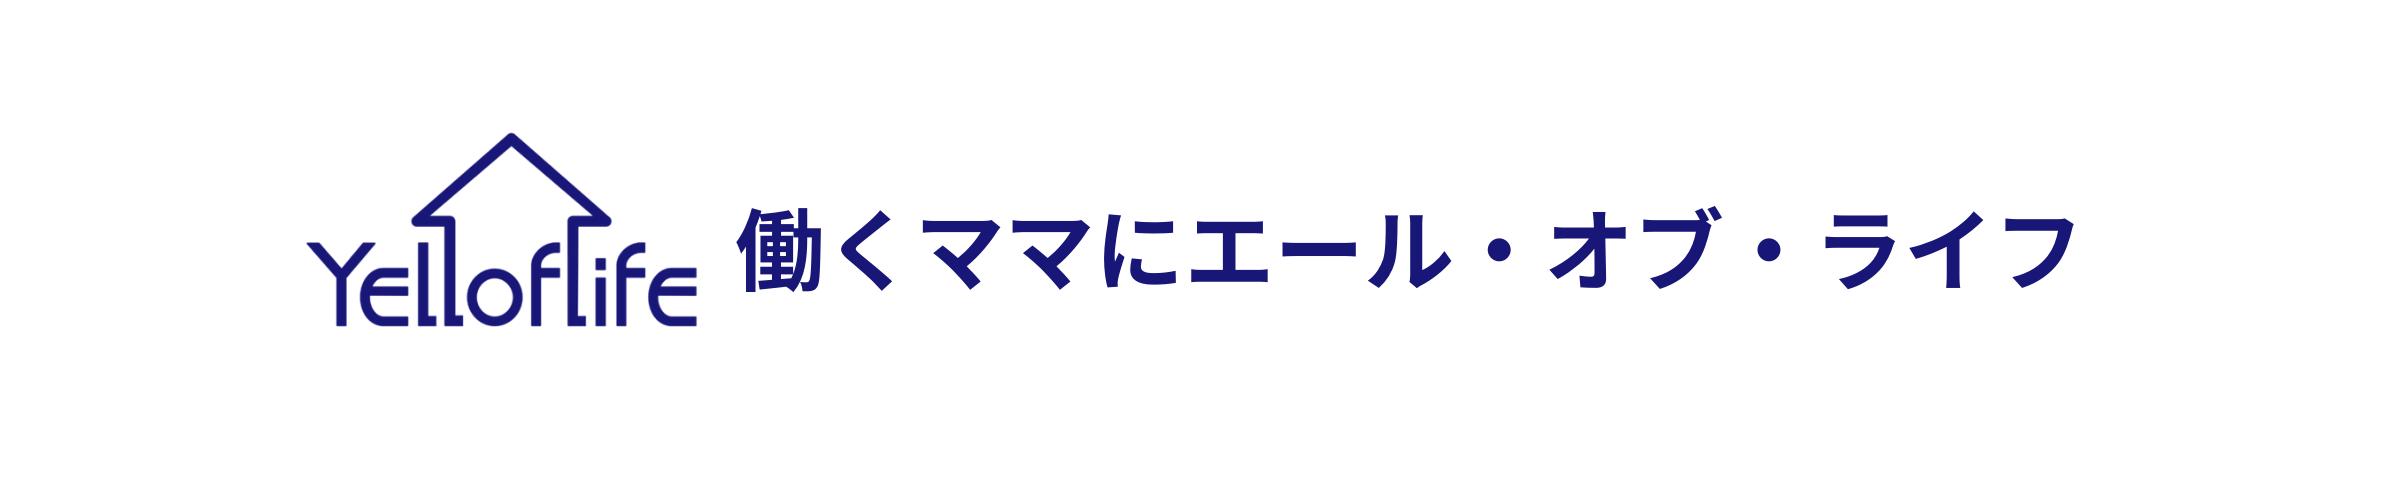 滋賀・京都コンサル型片づけサポート